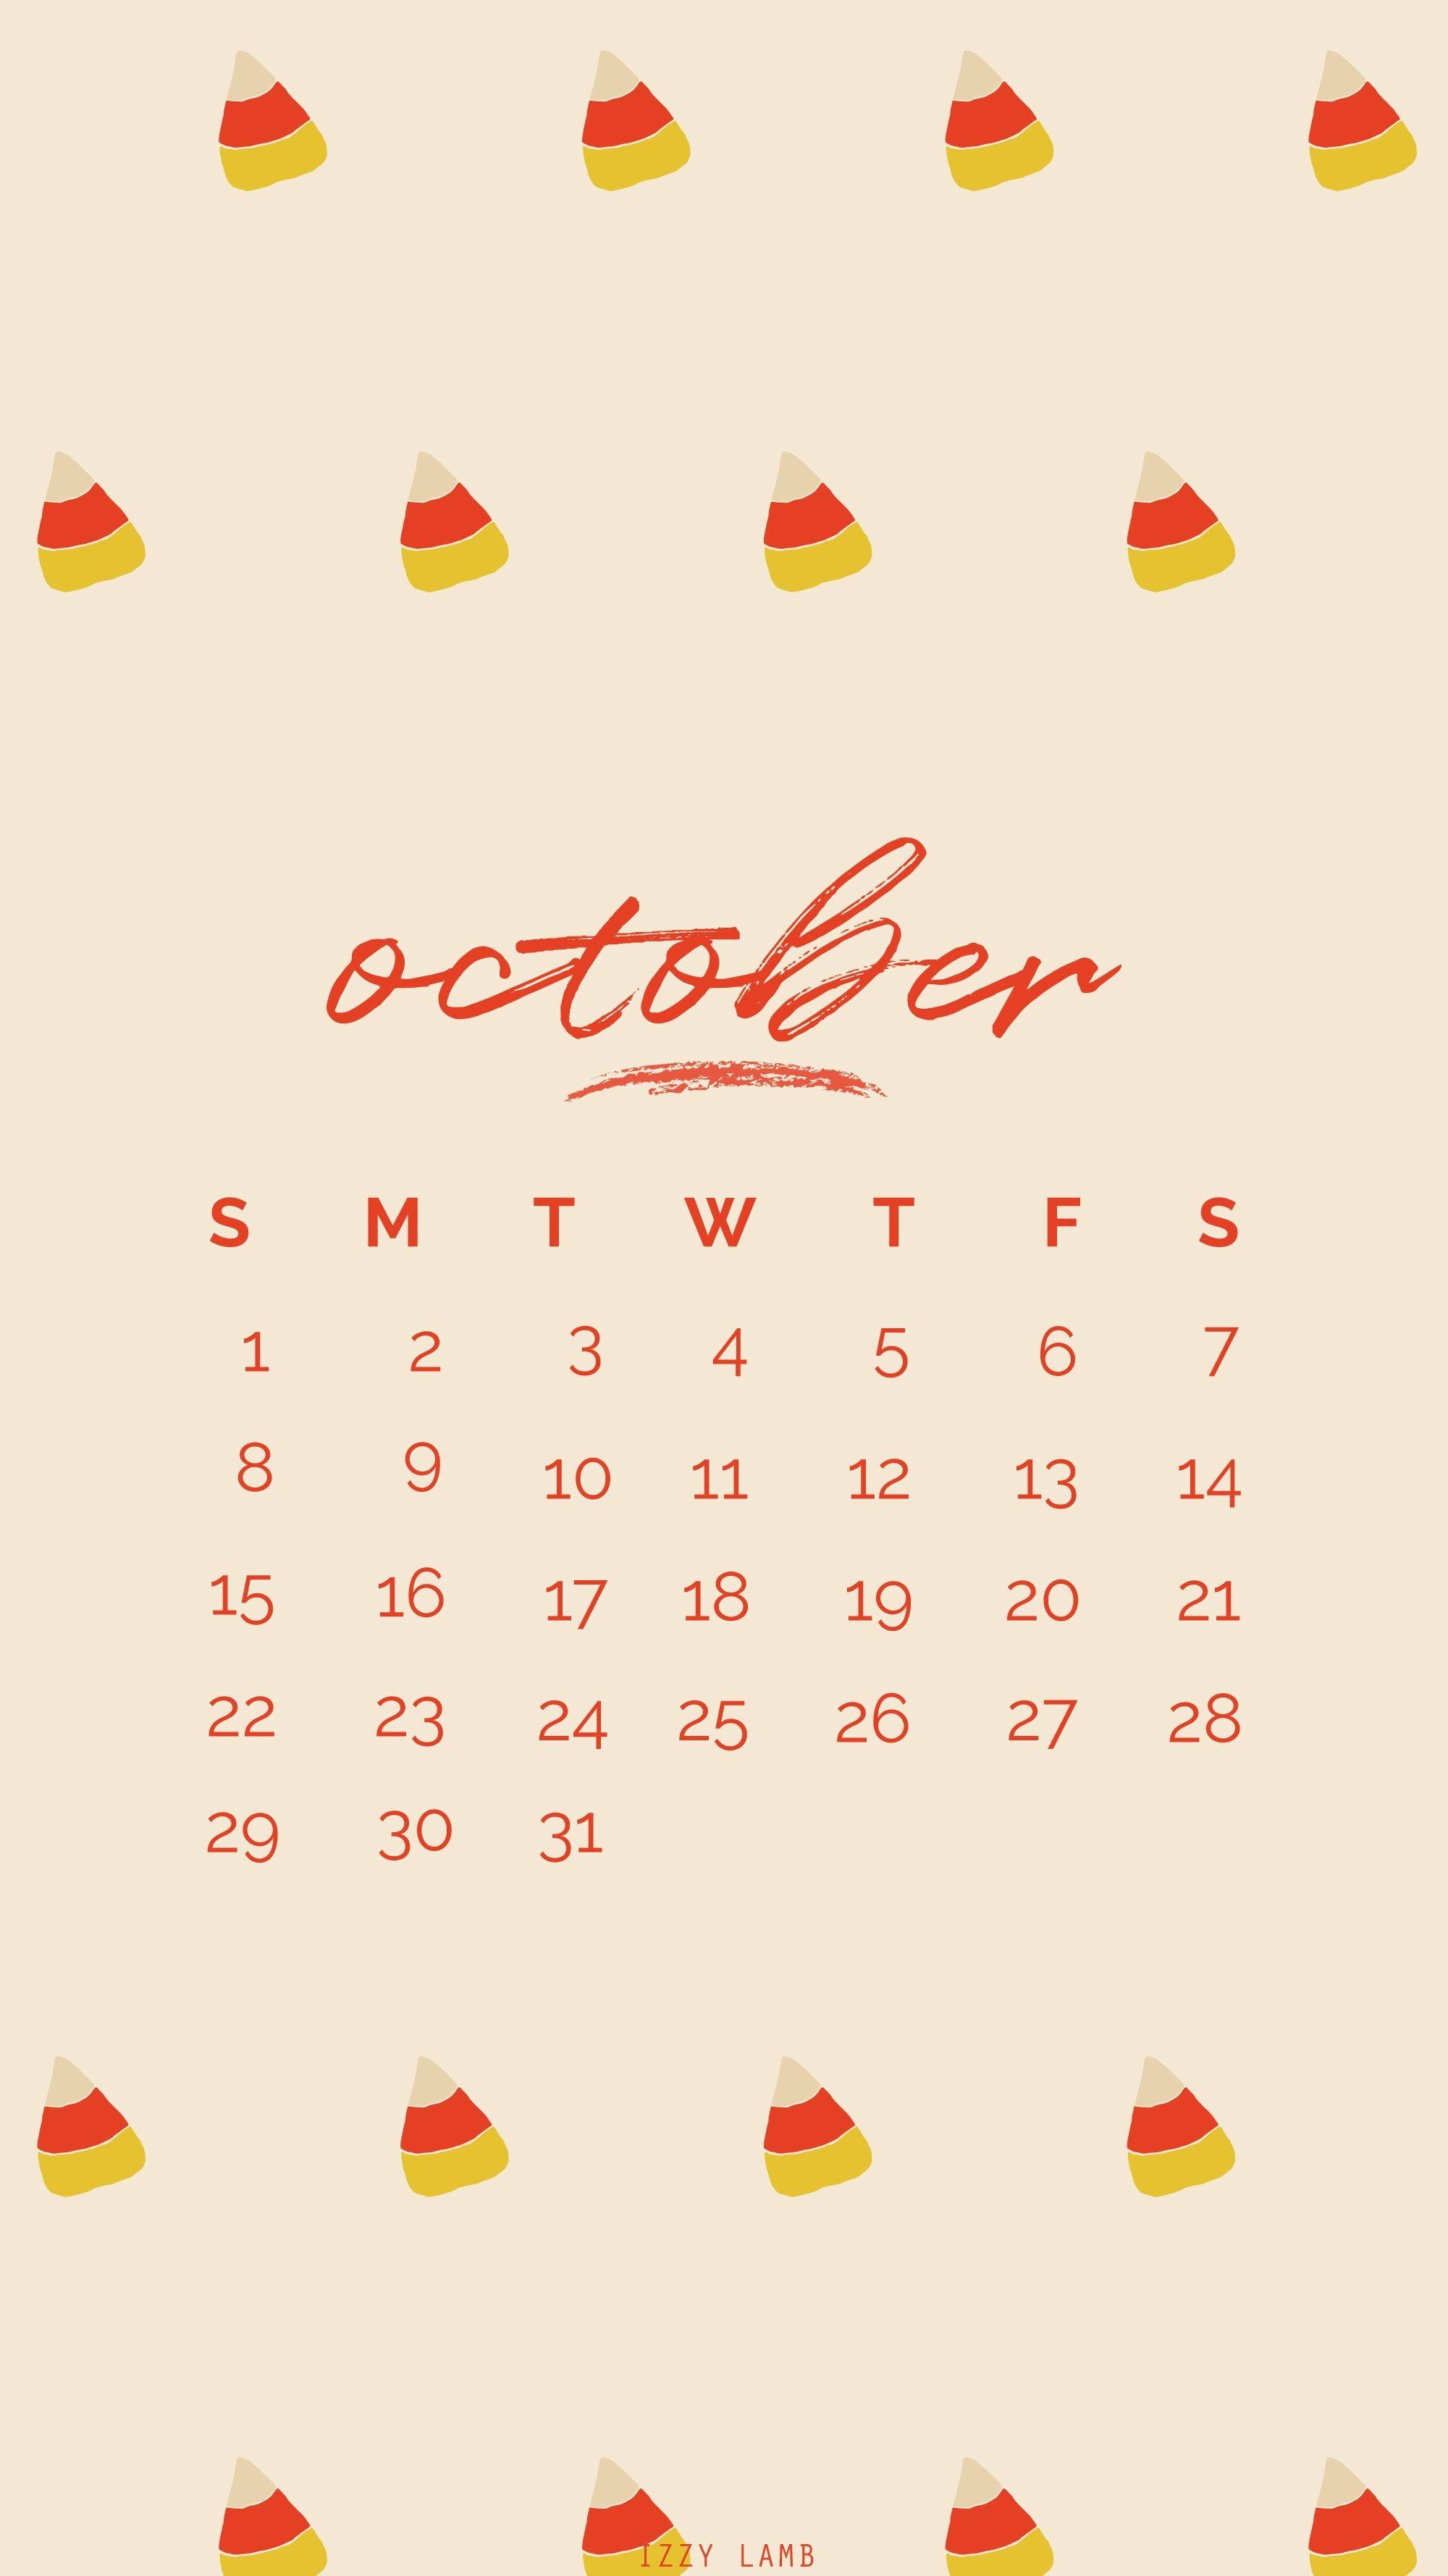 """Calendario 2019 F1 Mejores Y Más Novedosos October Calender Wallpaper iPhone October Octoberwallpaper Of Calendario 2019 F1 Más Actual formula 1 On Twitter """"2019 Draft F1 Calendar 🗓 21 Races 9"""